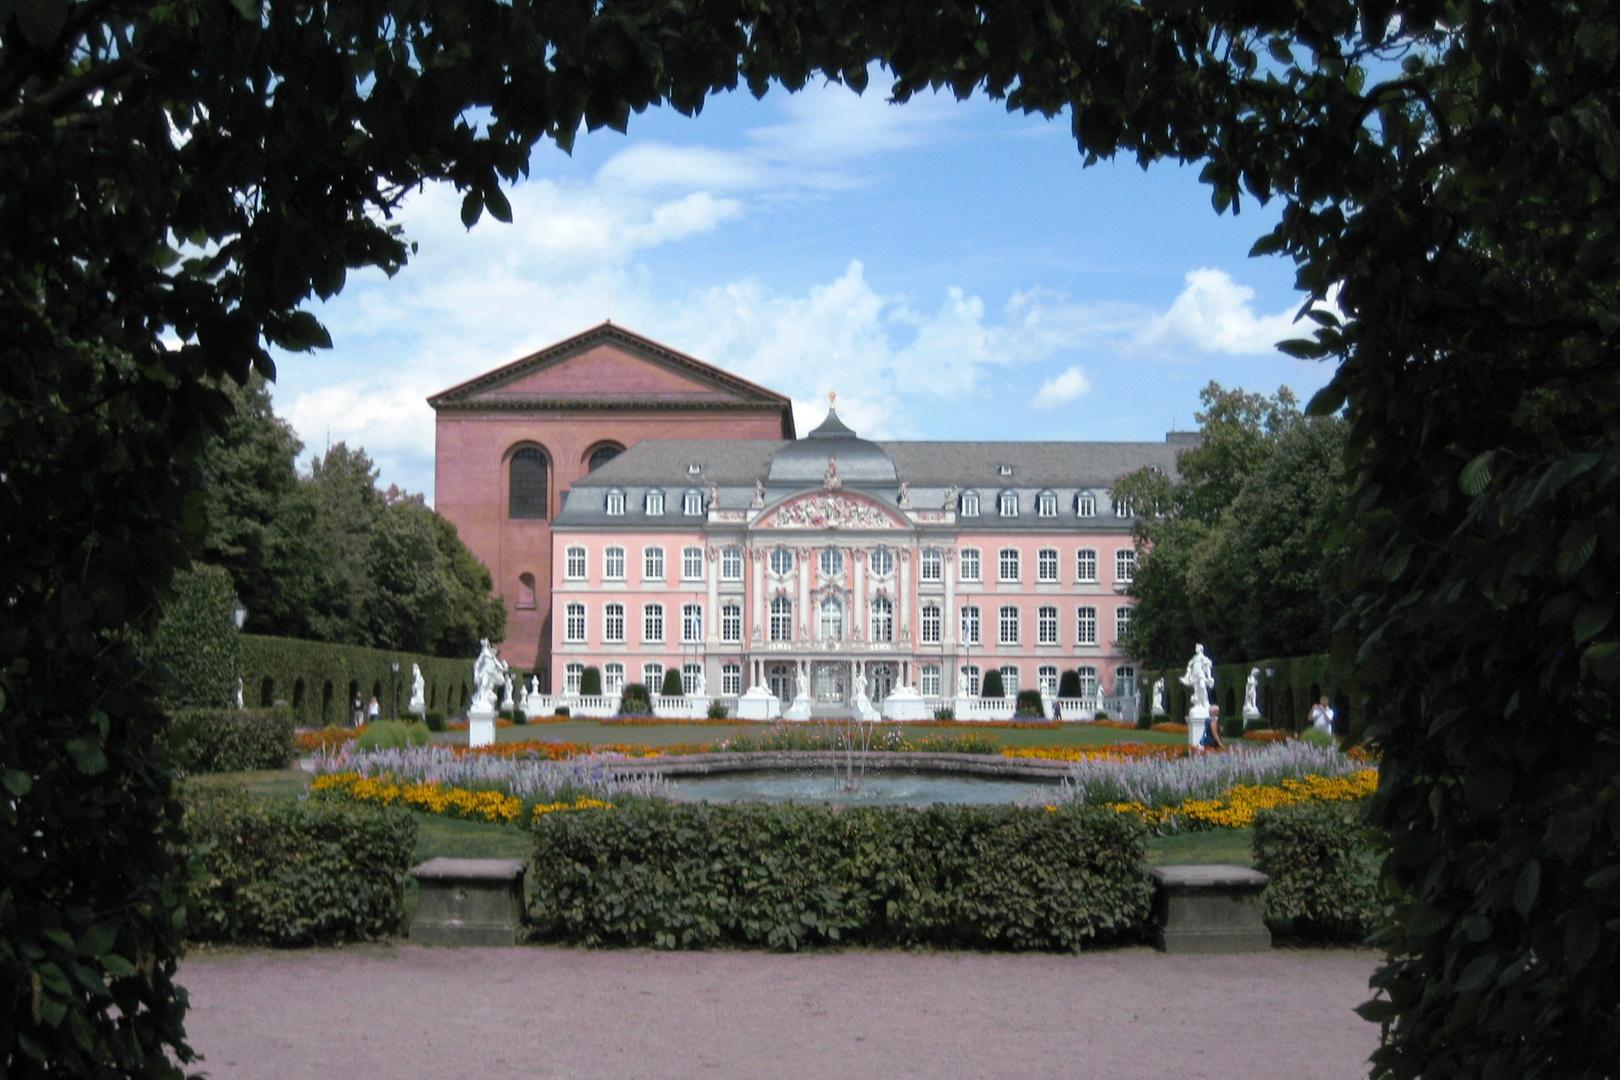 Schlossgarten Trier